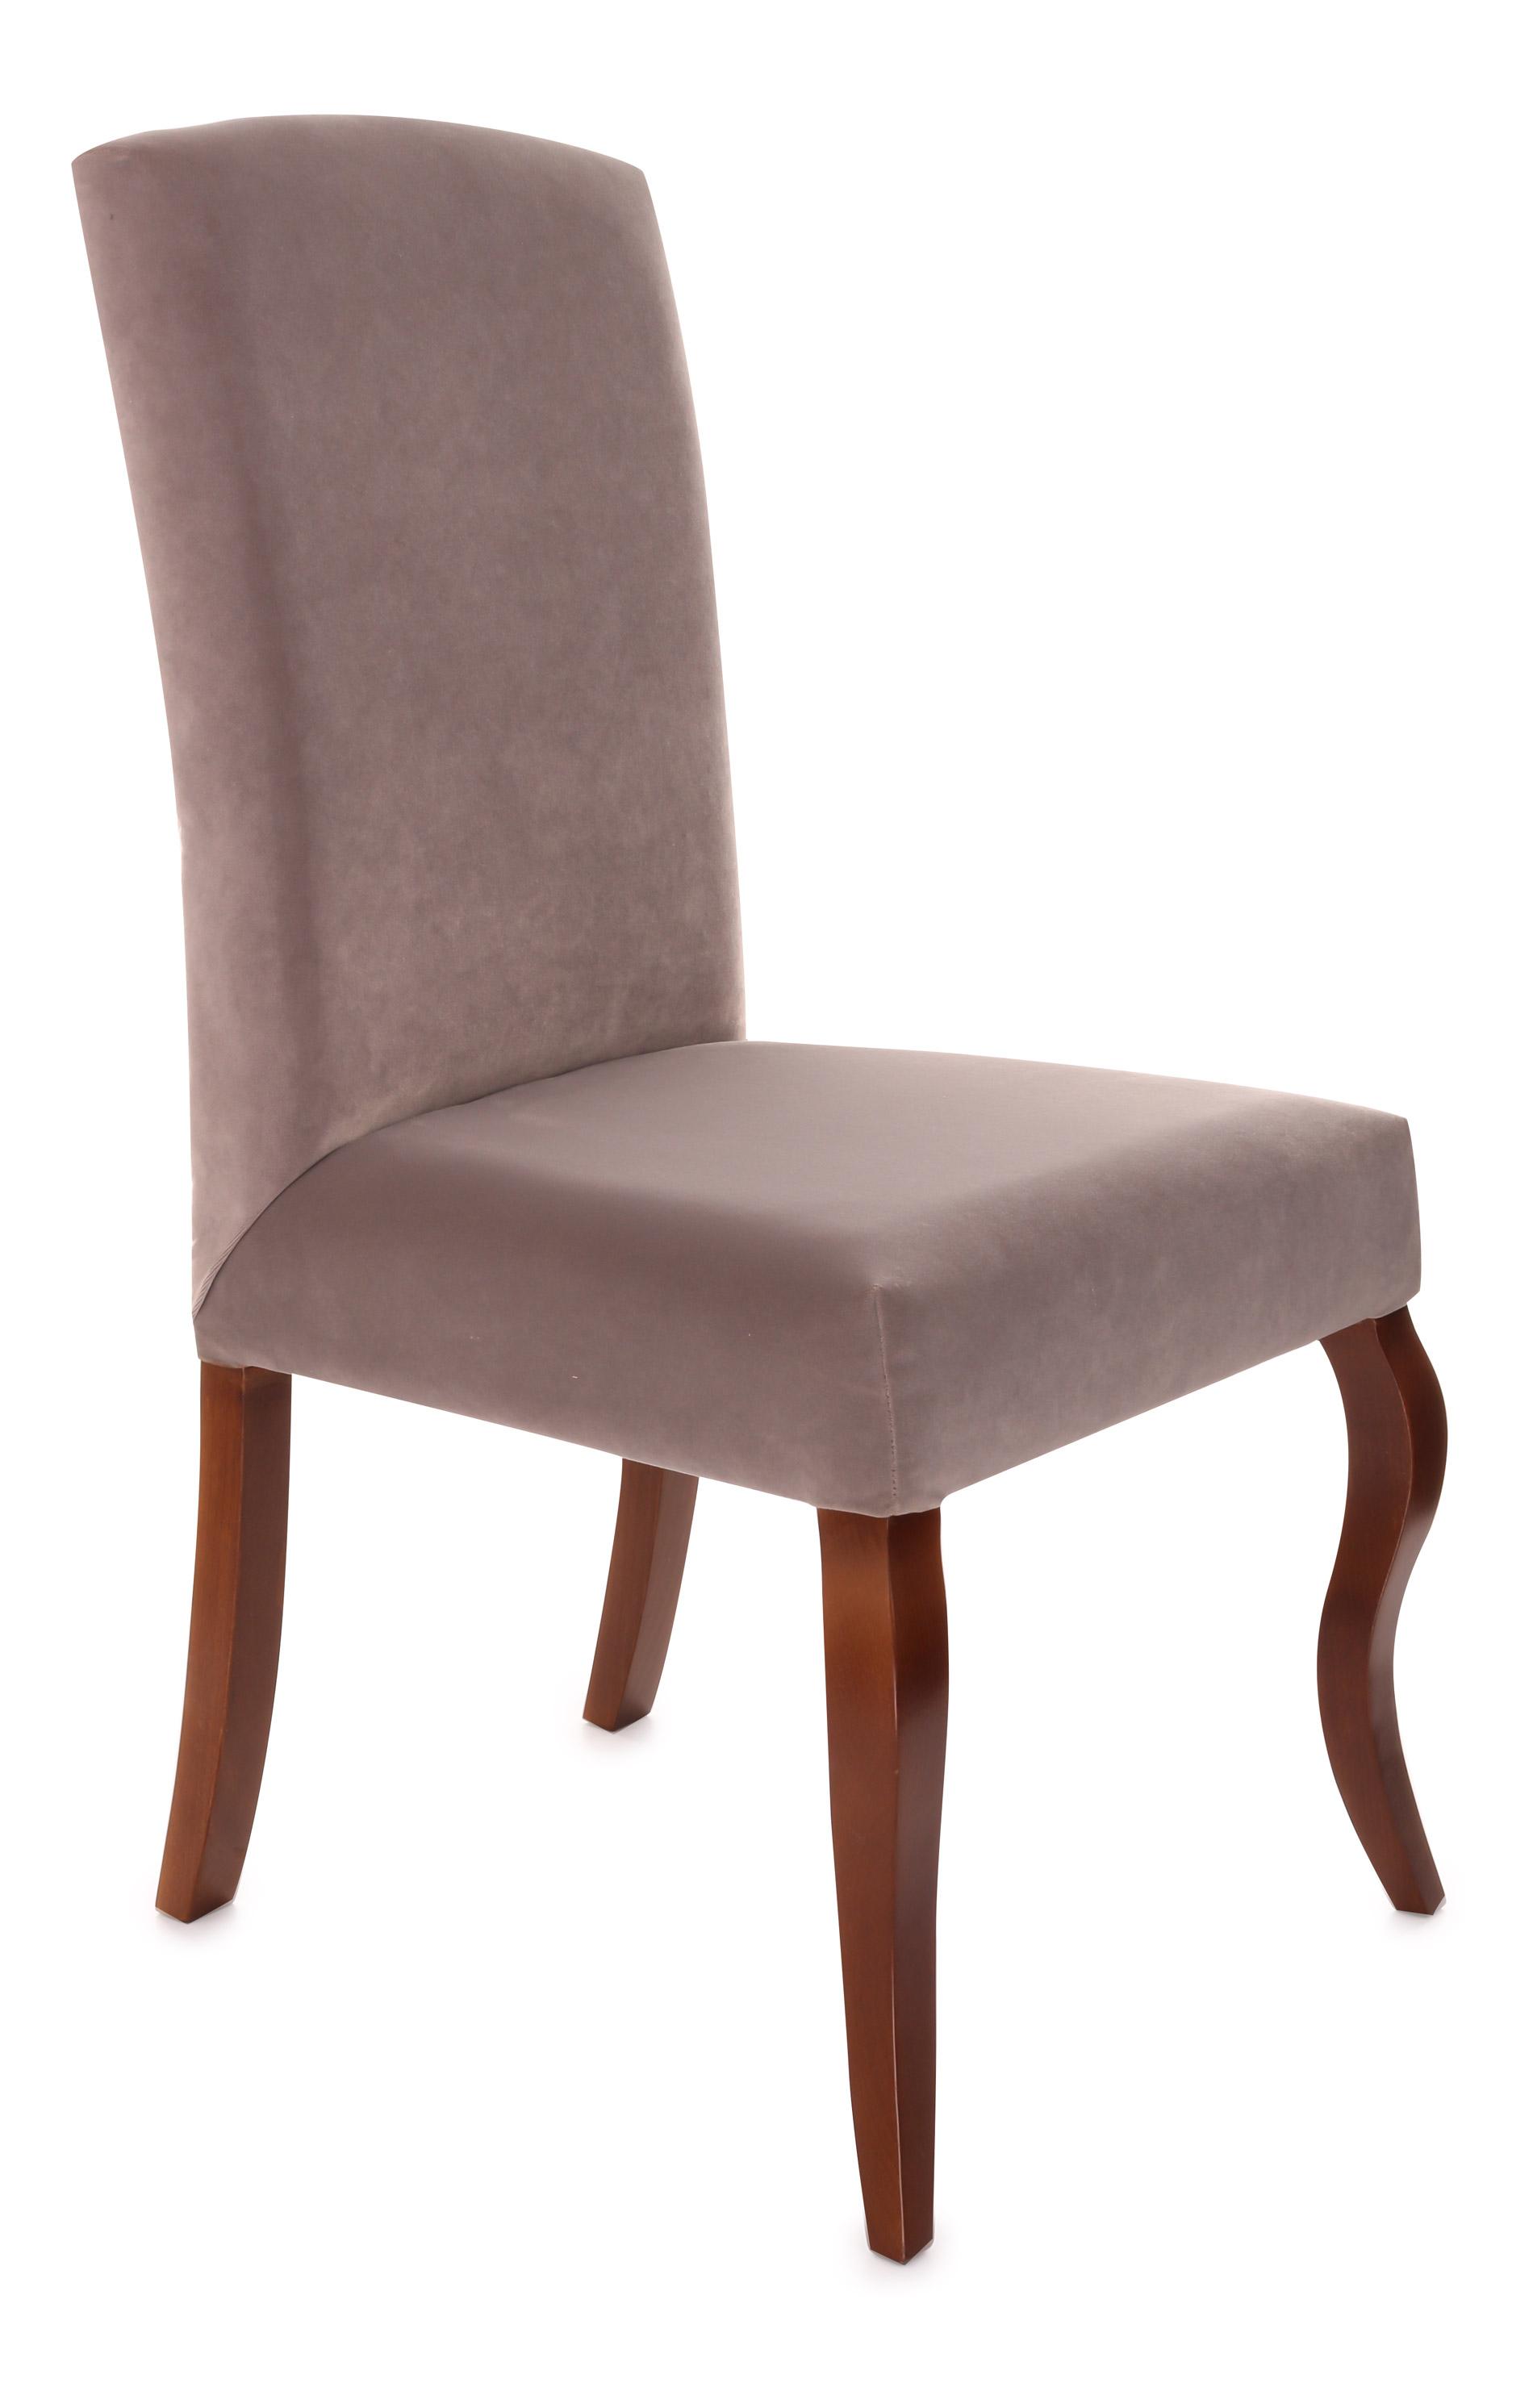 Krzesło Astoria, nogi Ludwik